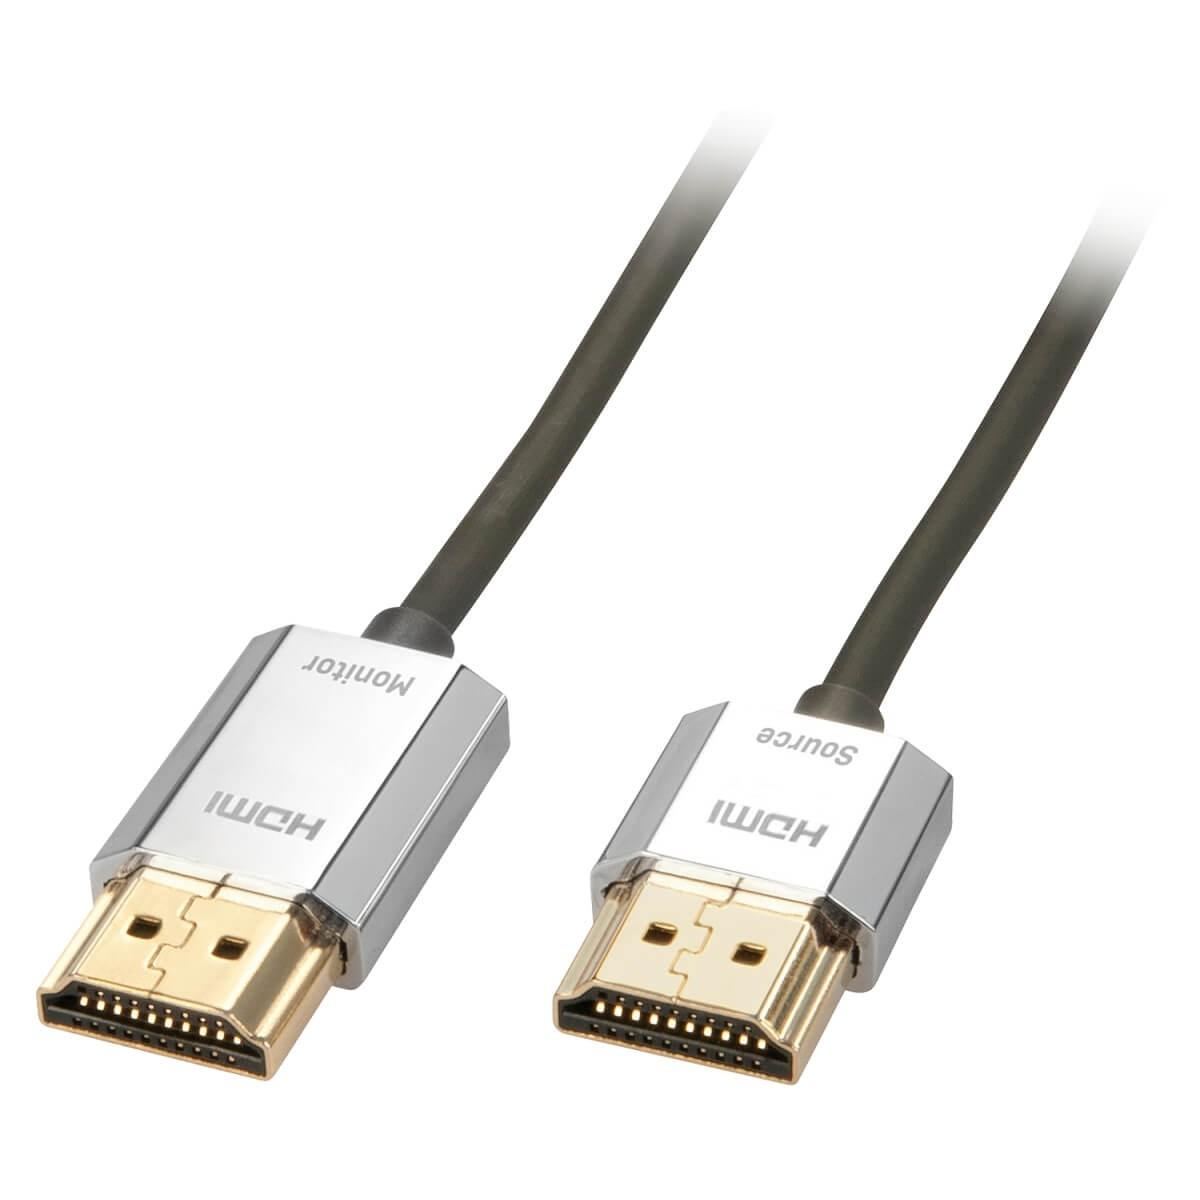 LINDY CROMO SLIM Câble HDMI 2.0 Actif Blindé Plaqué Or 3m